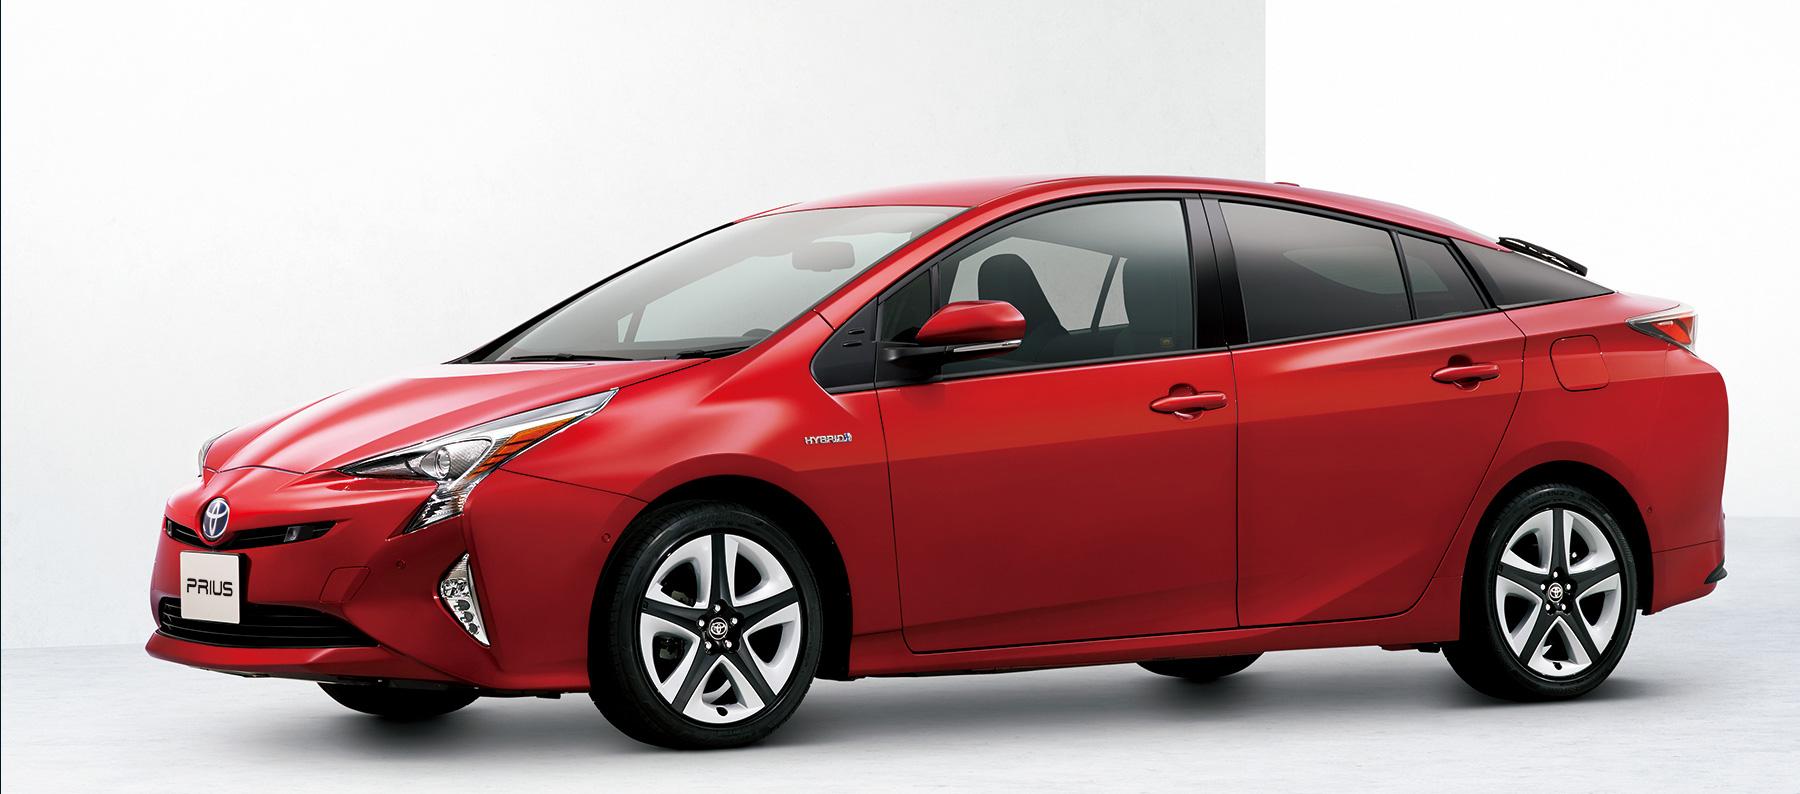 der neue toyota prius hybrid familien minivan mit 7 sitzen. Black Bedroom Furniture Sets. Home Design Ideas